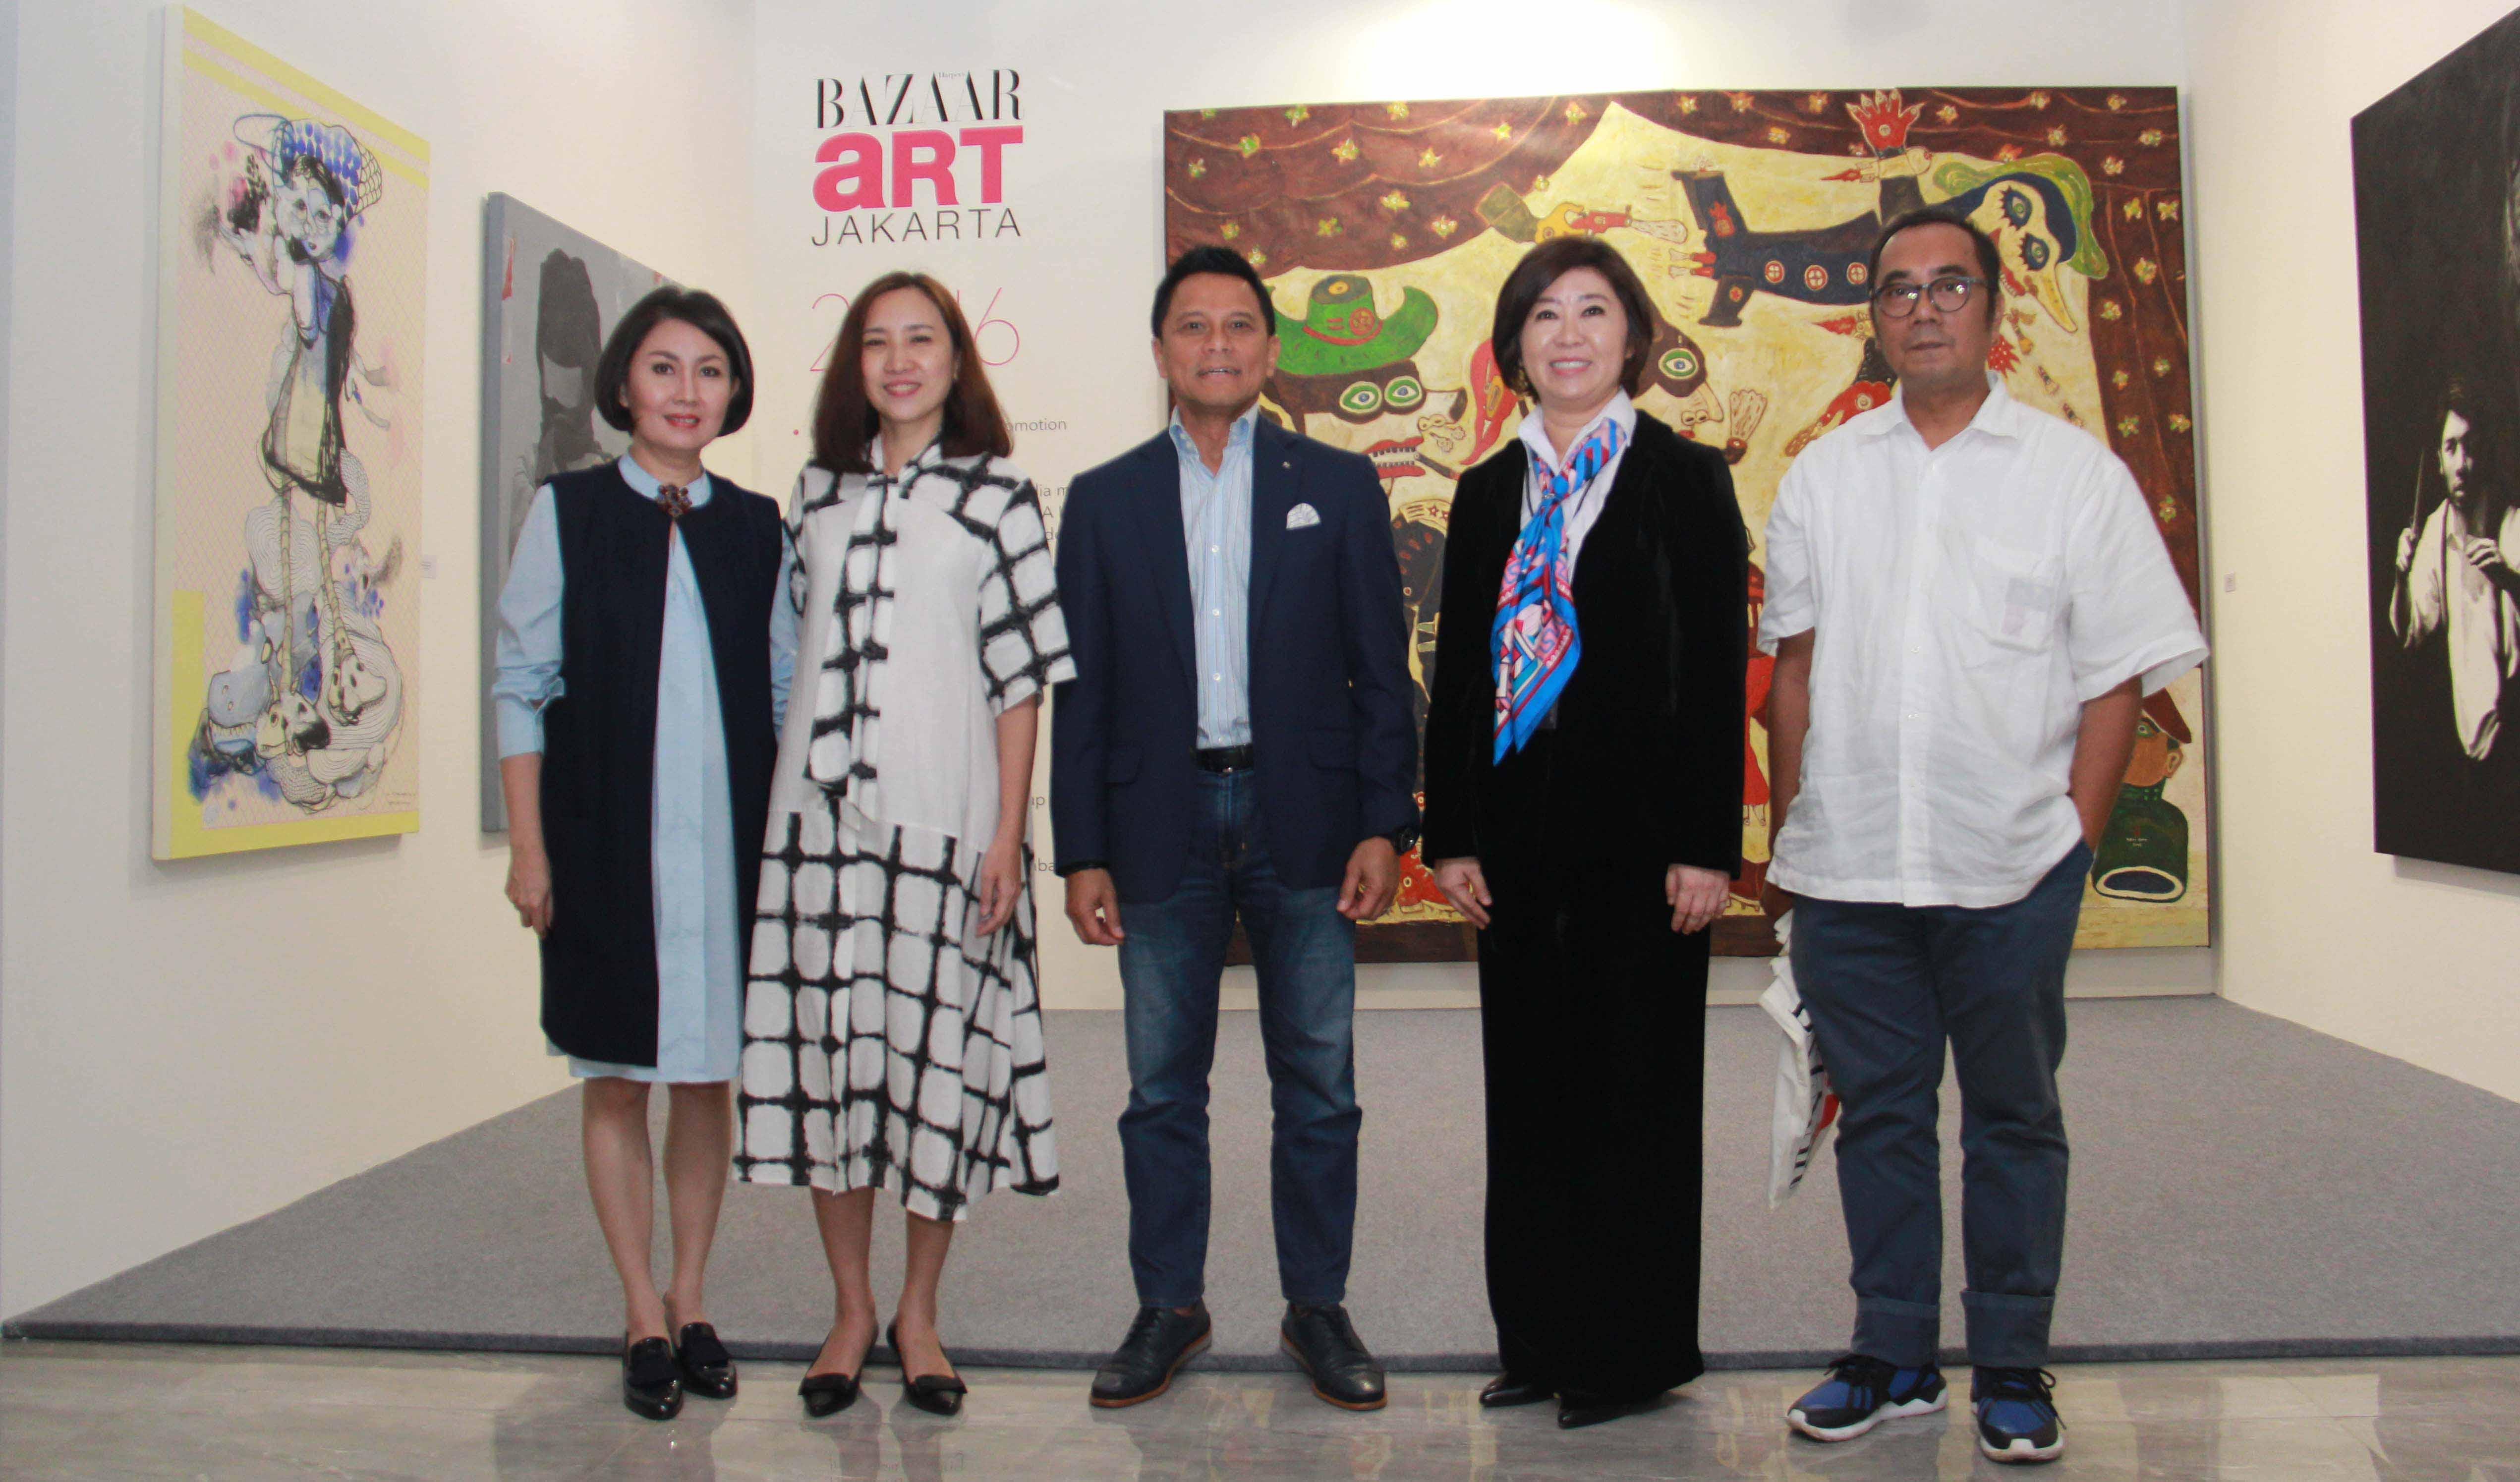 Committee Bazaar Art Jakarta 2016 (edit)